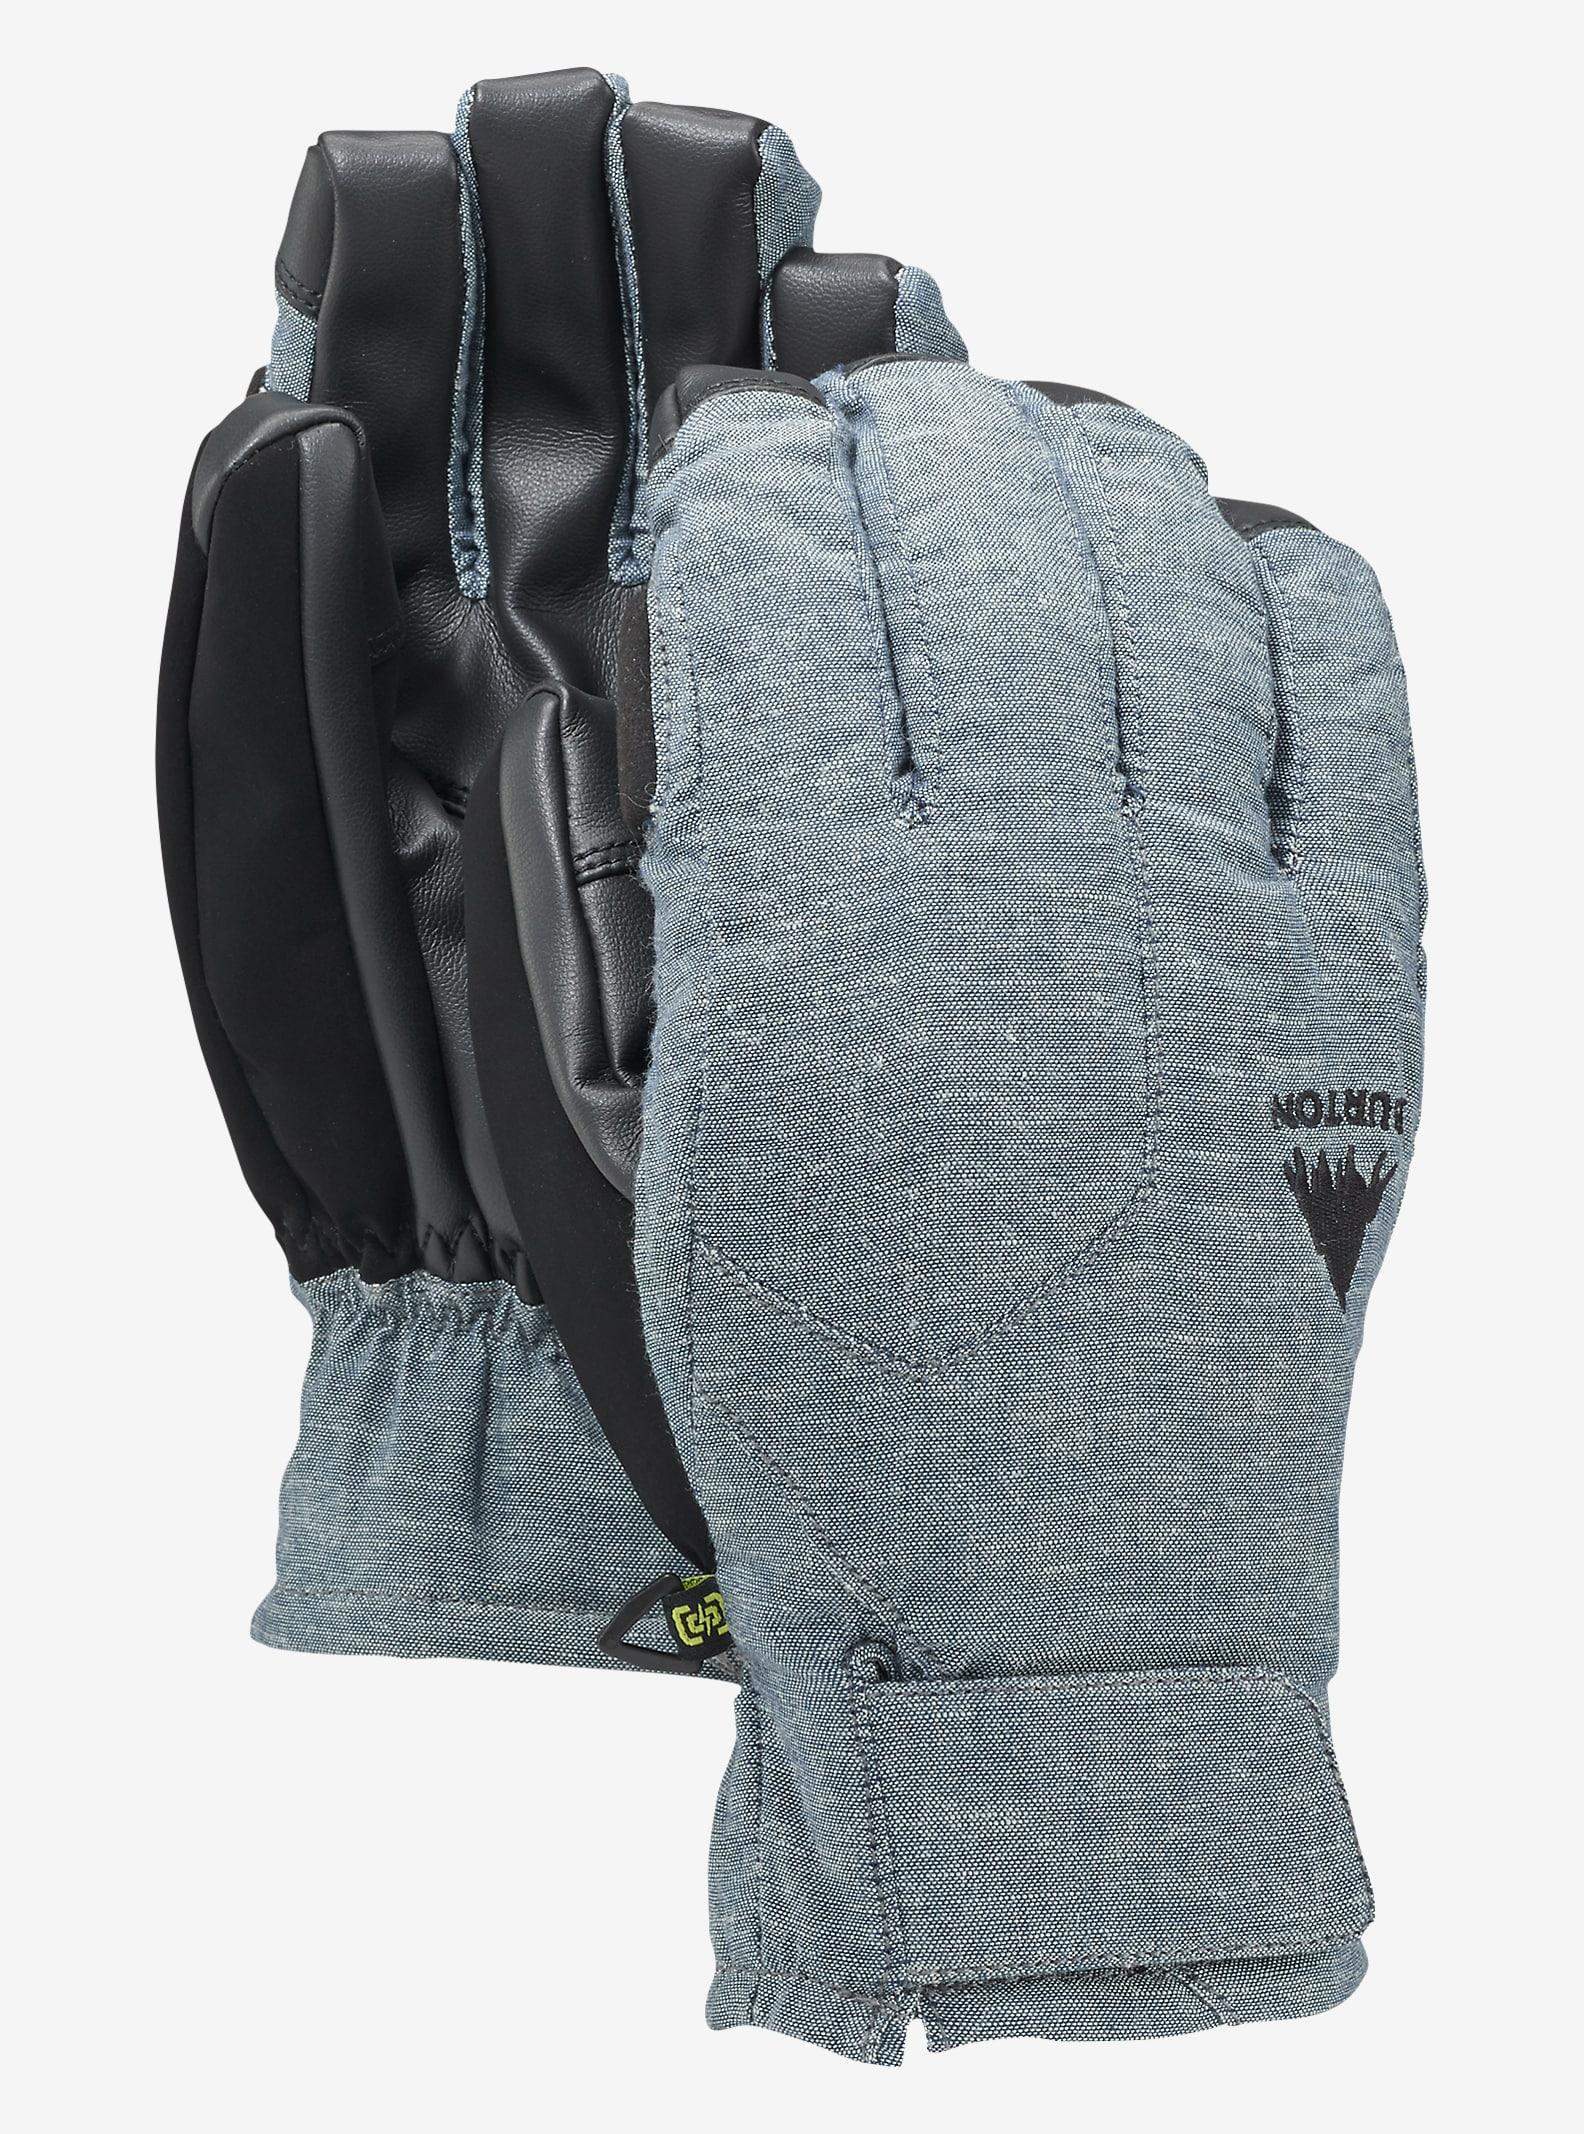 Mens gloves sale uk - Burton Pyro Under Glove Shown In Chambray